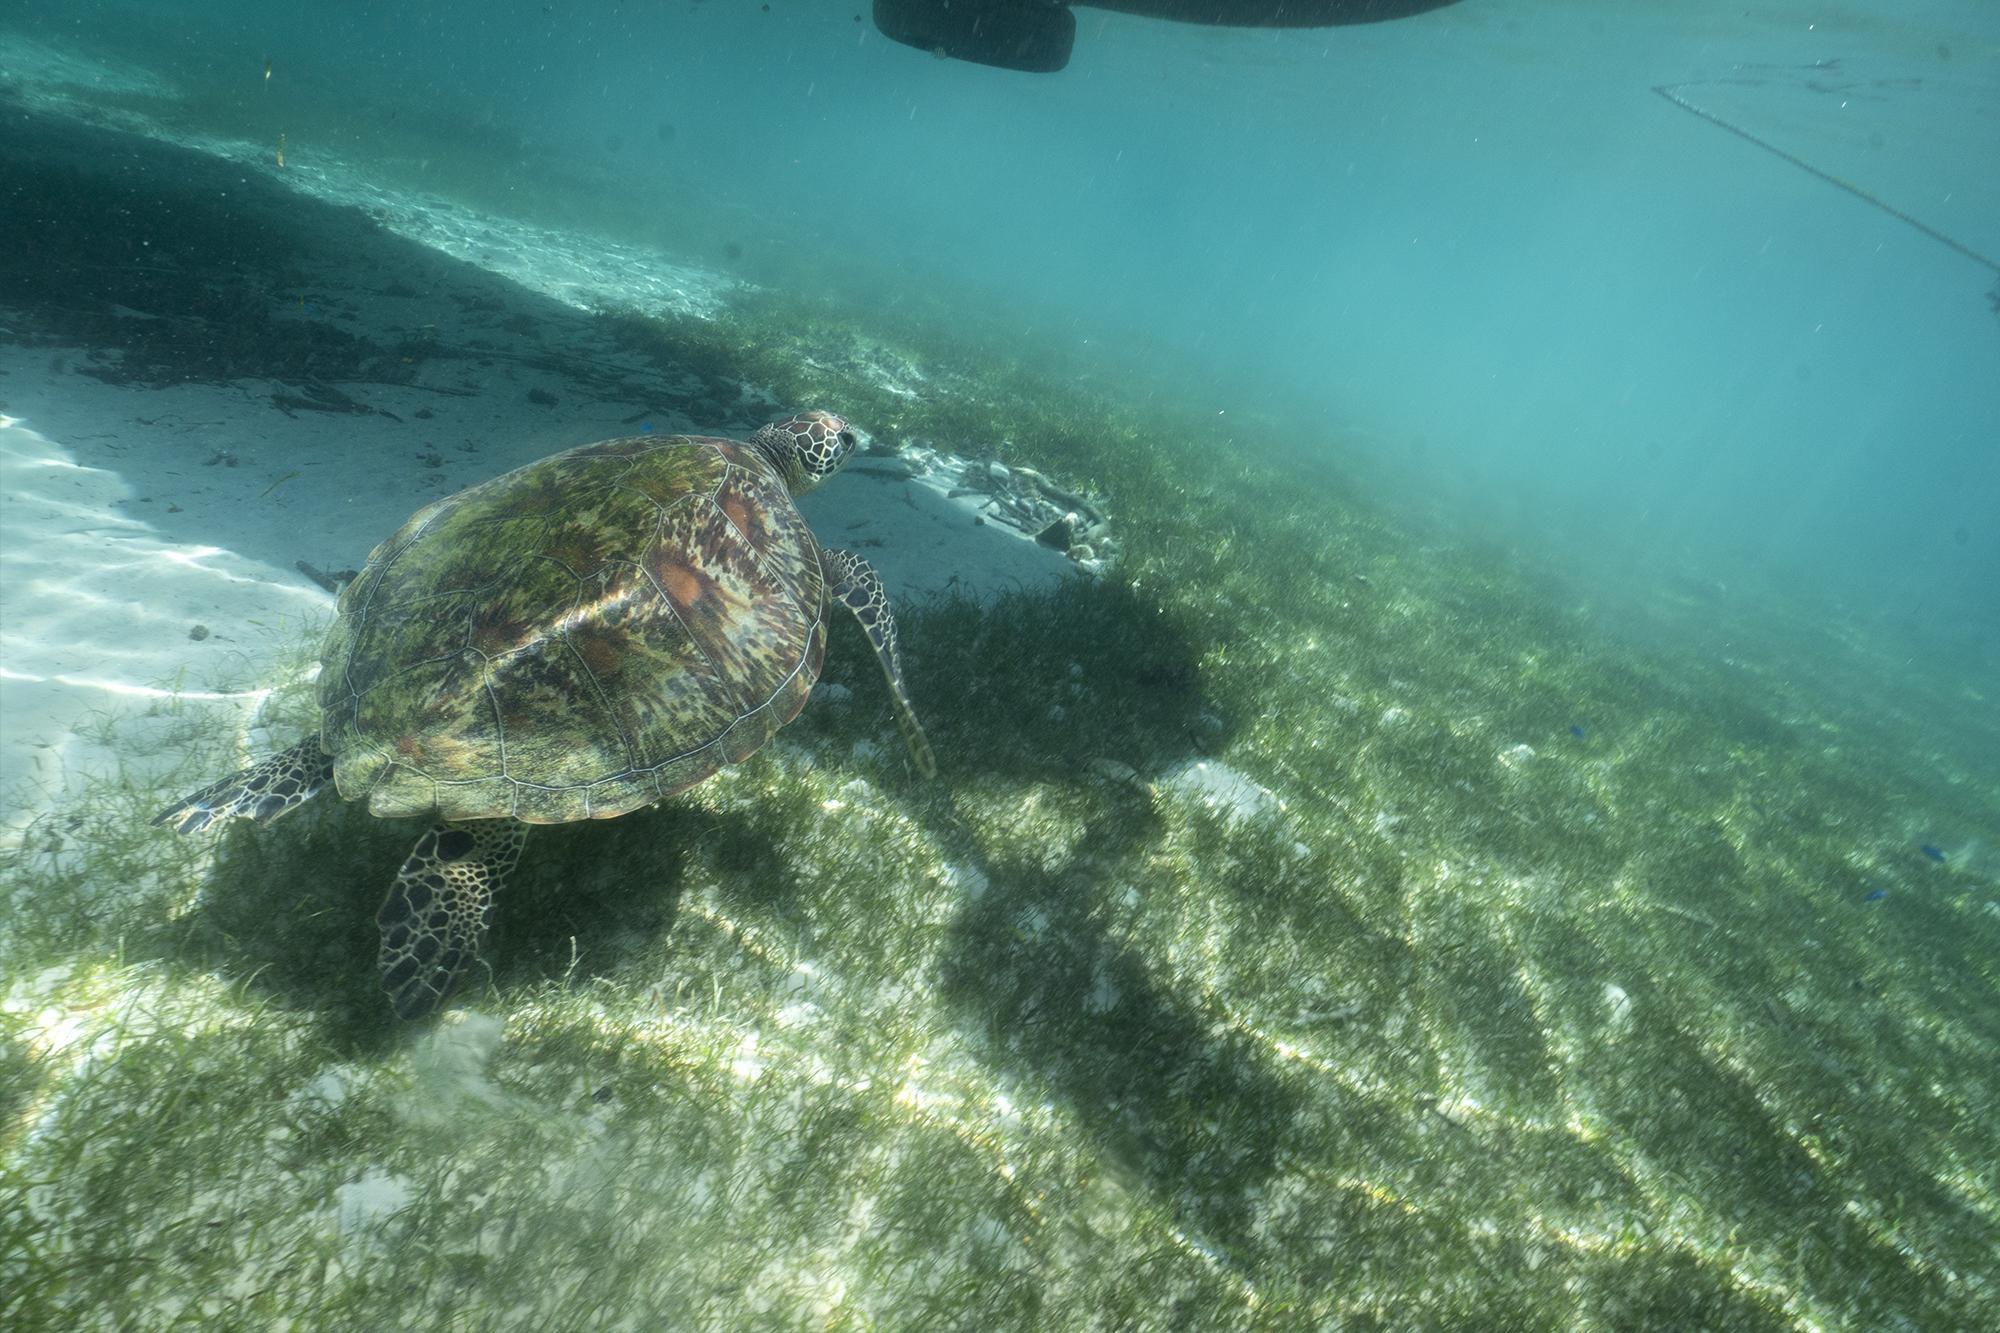 WhaleShark-Cebu-Oslob-hobo-life-hoang-m-nguyen-turtles